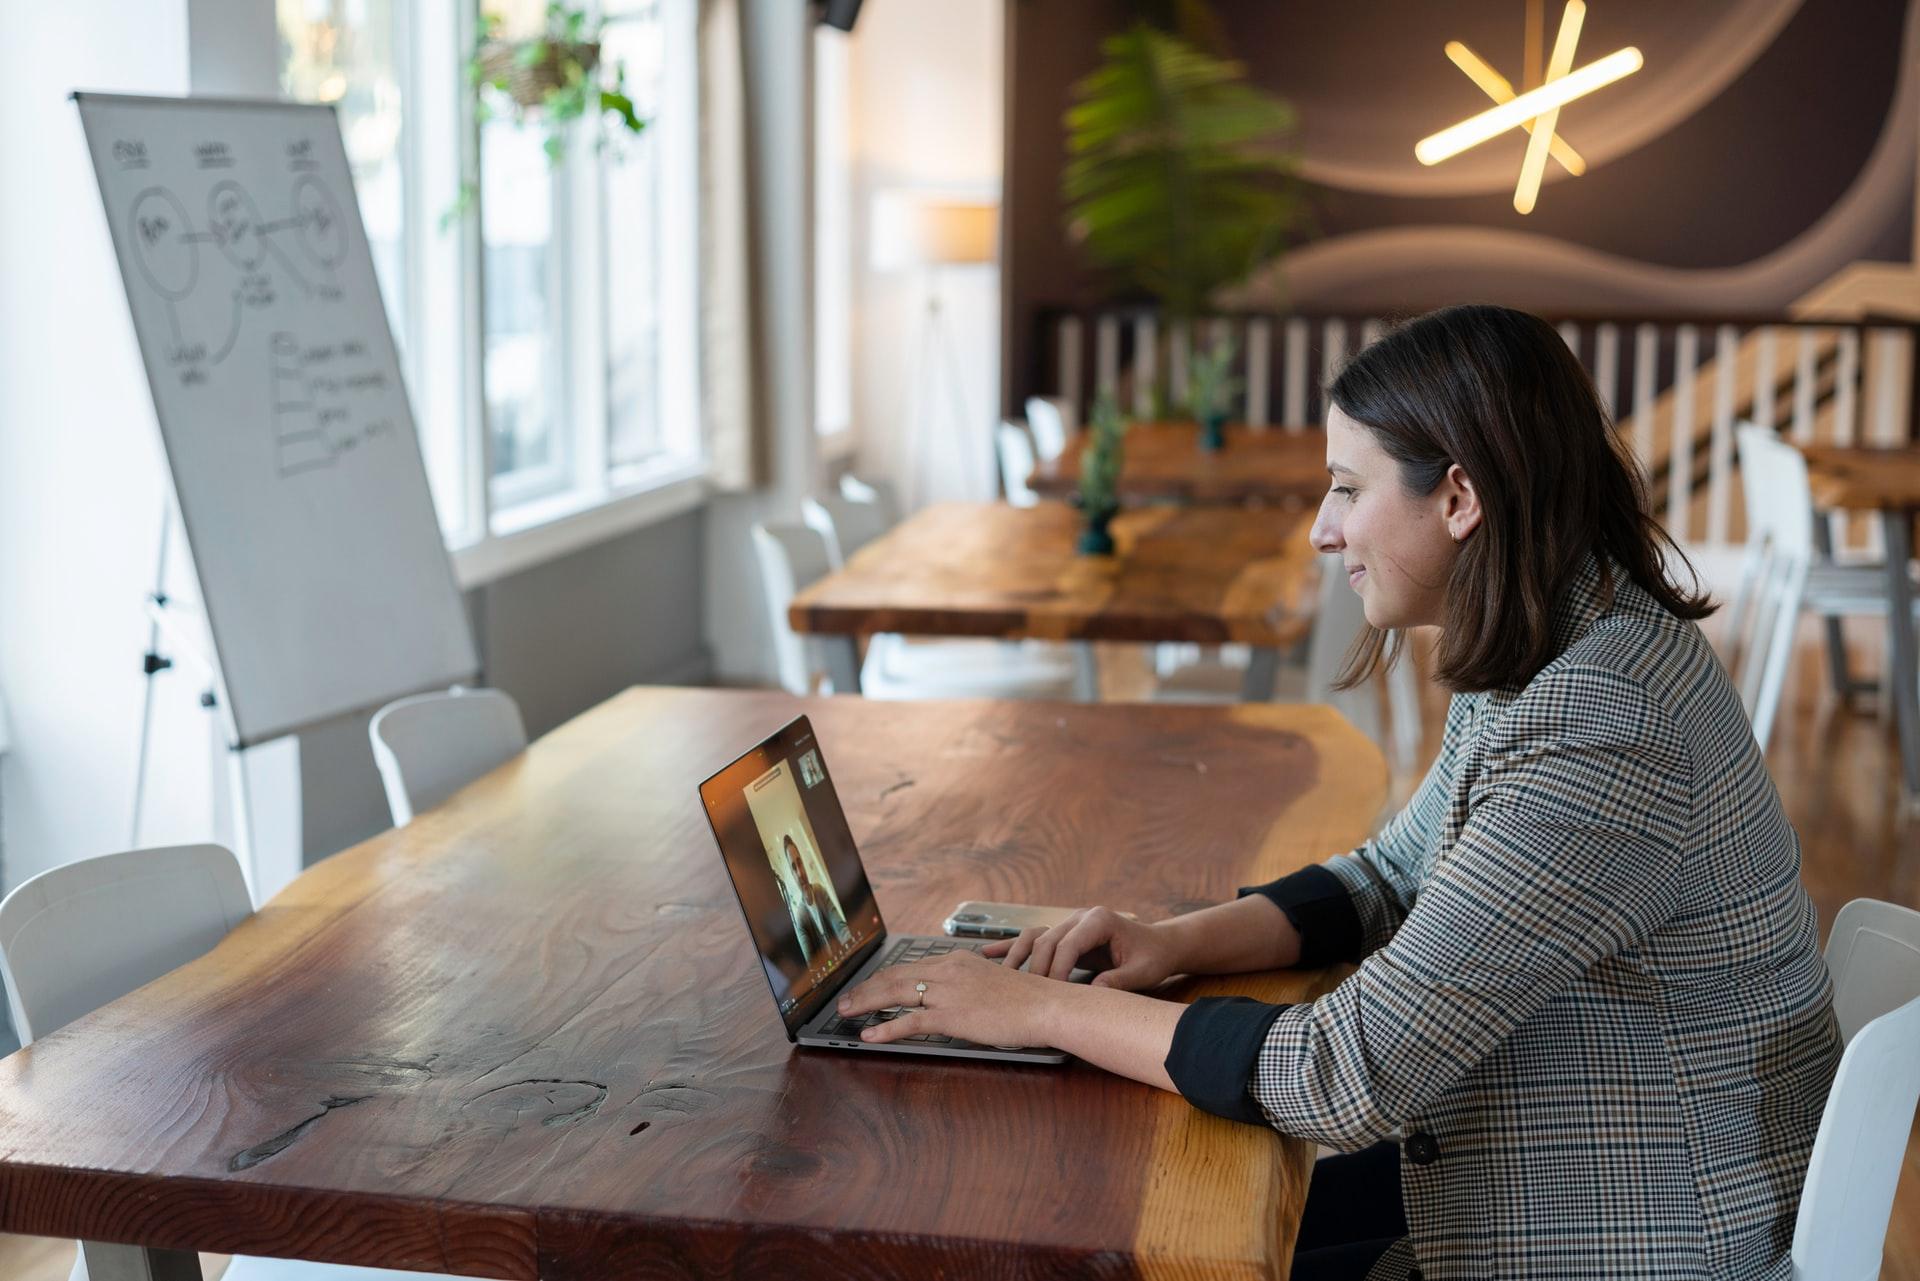 Wie konzipiert man eine Online-Veranstaltung?